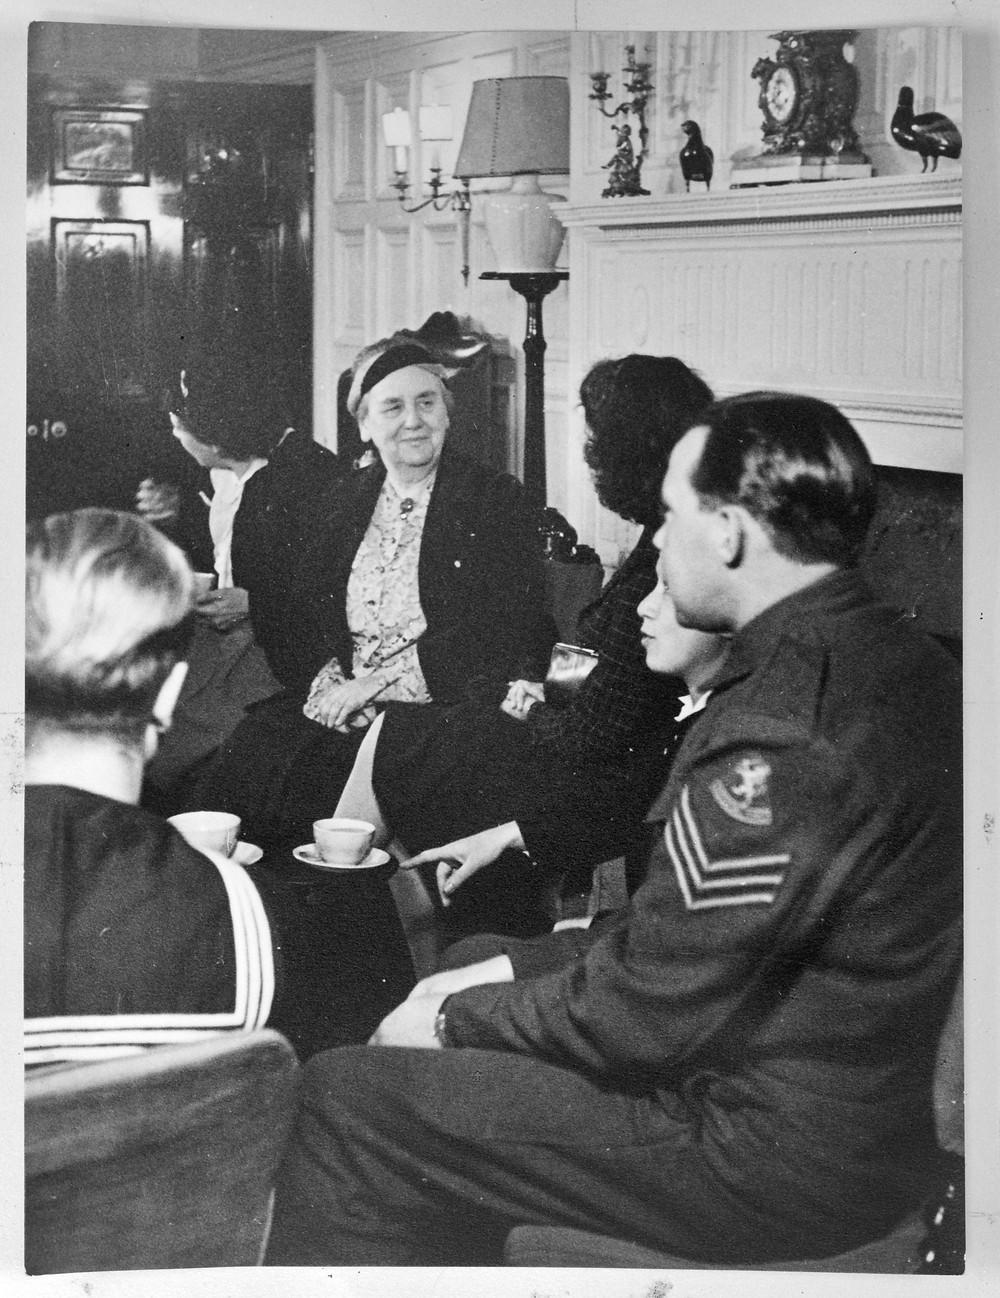 Wilhelmina ontvangt enkele Nederlanders in haar buitenhuis.